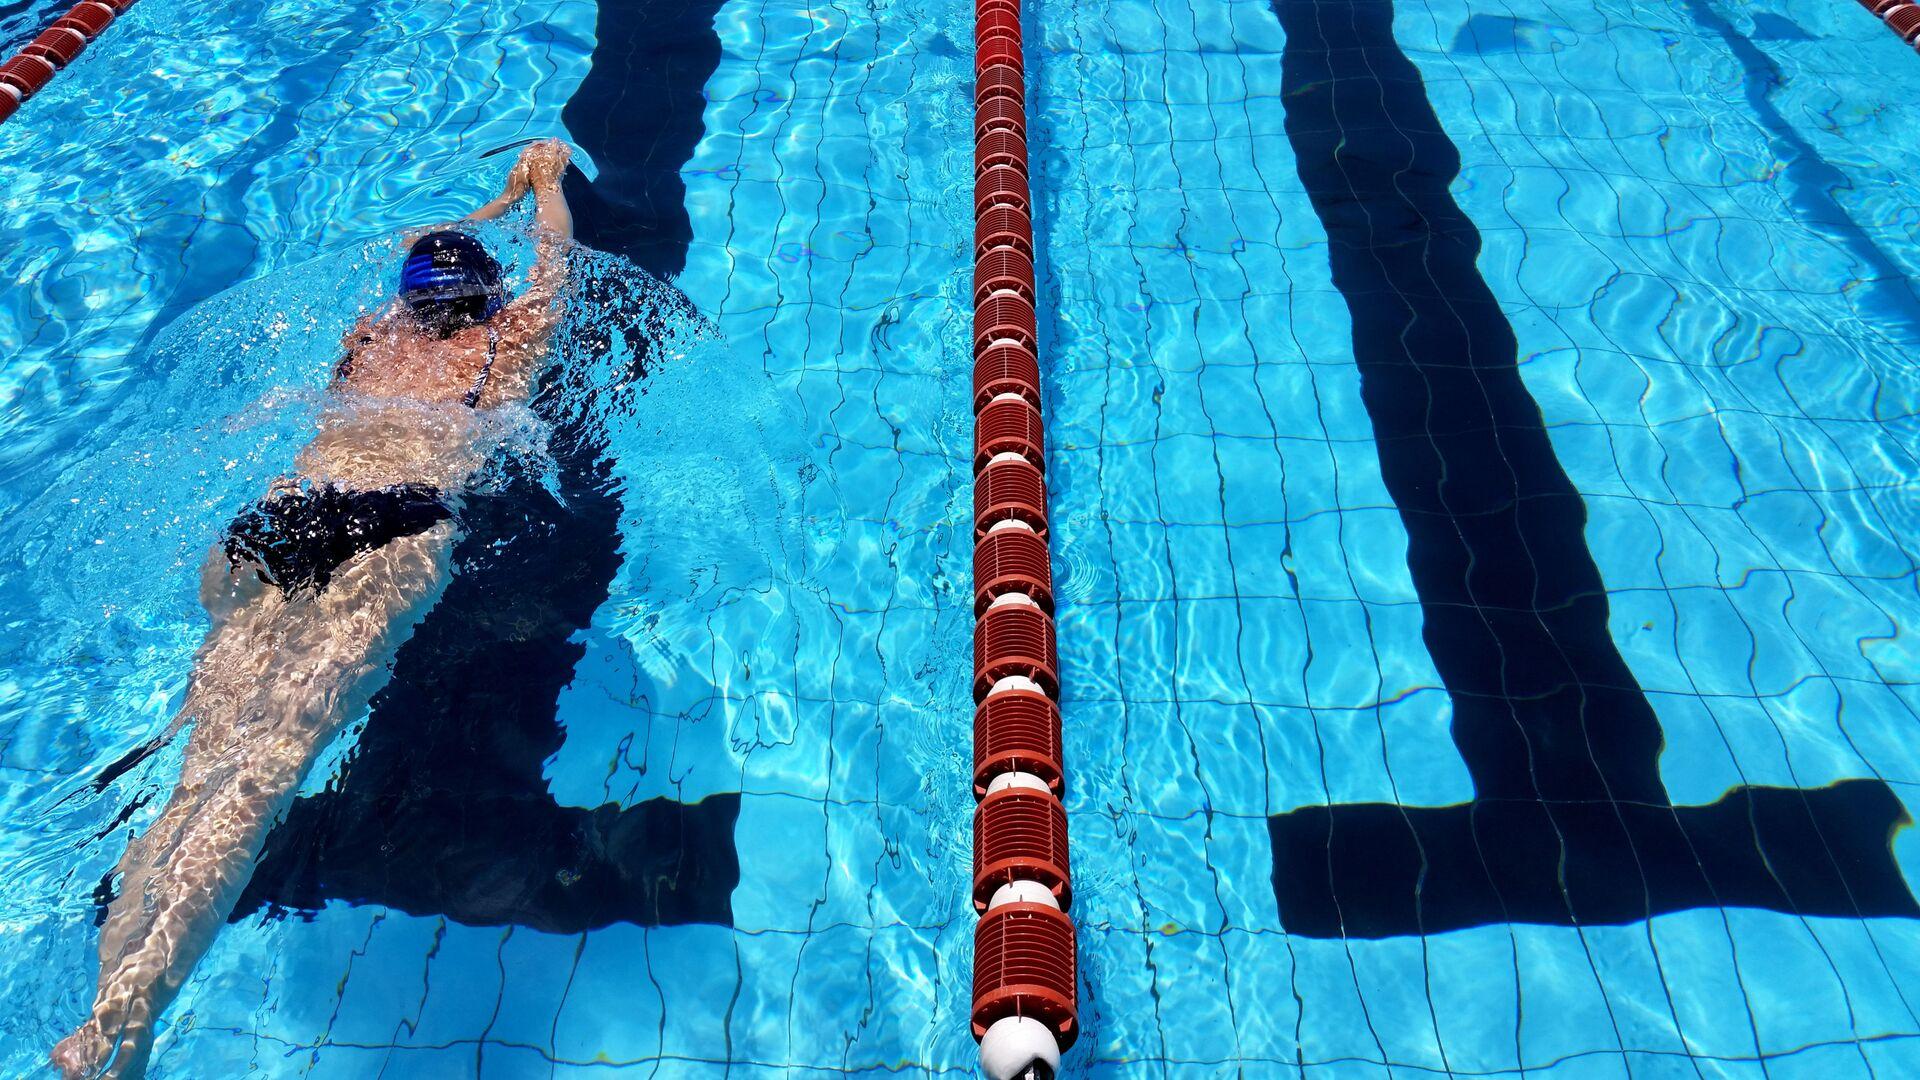 Pływanie na basenie - Sputnik Polska, 1920, 11.04.2021